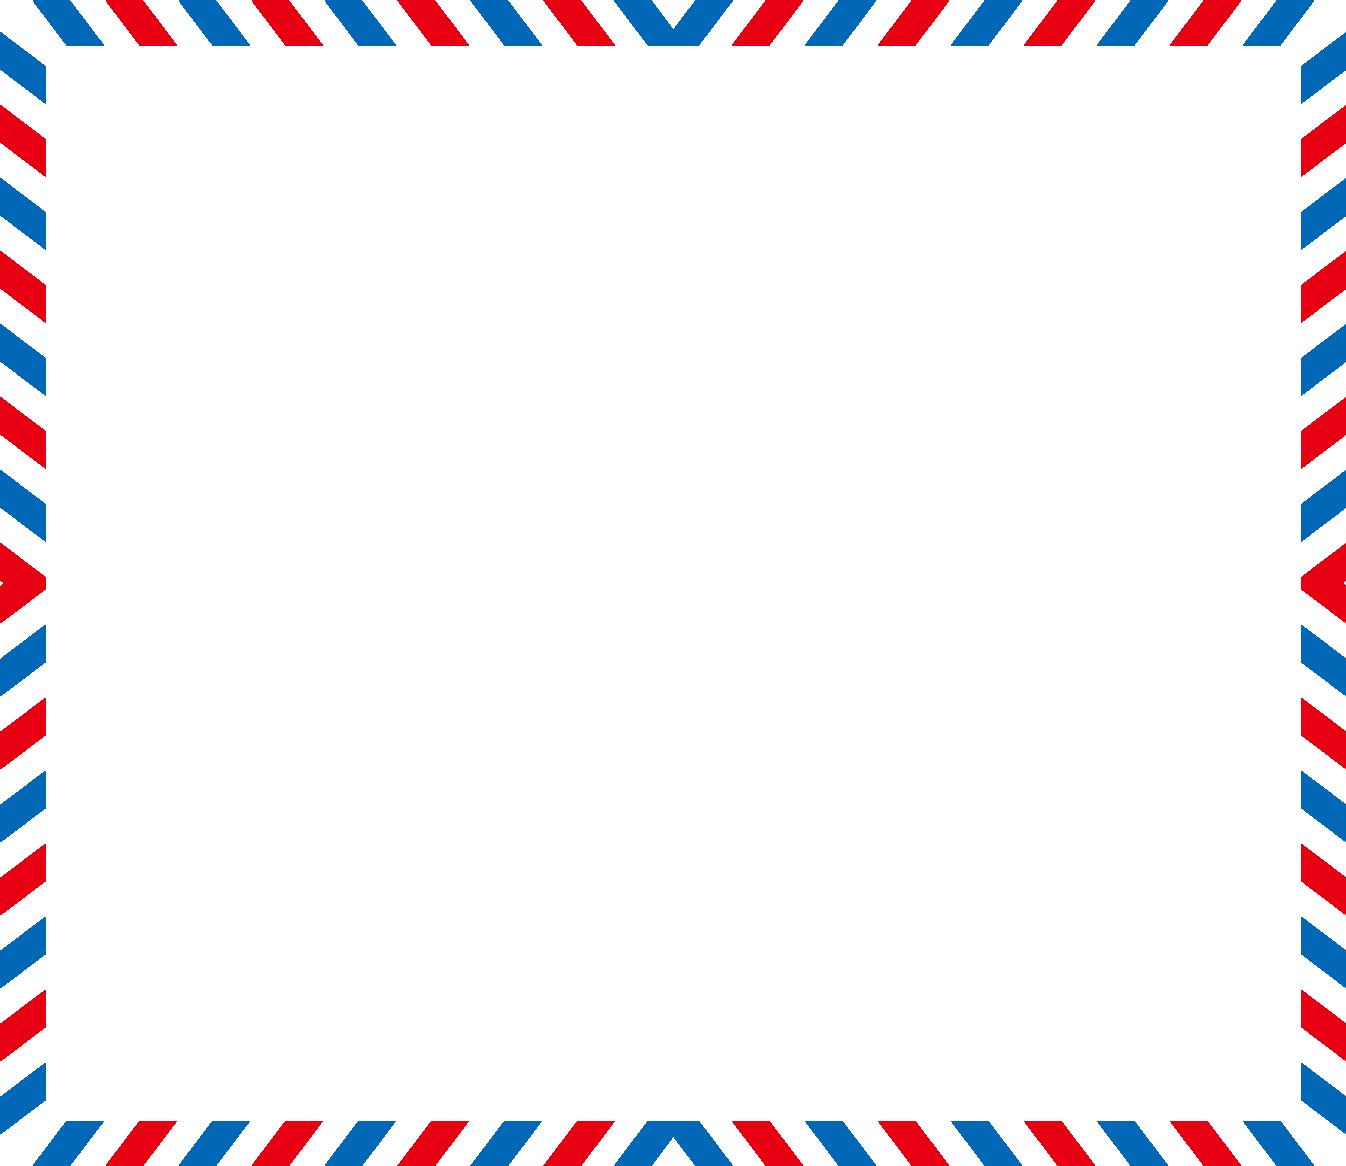 ... 四角形』/無料のフリー素材集 : メモ用紙 ダウンロード 無料 : 無料